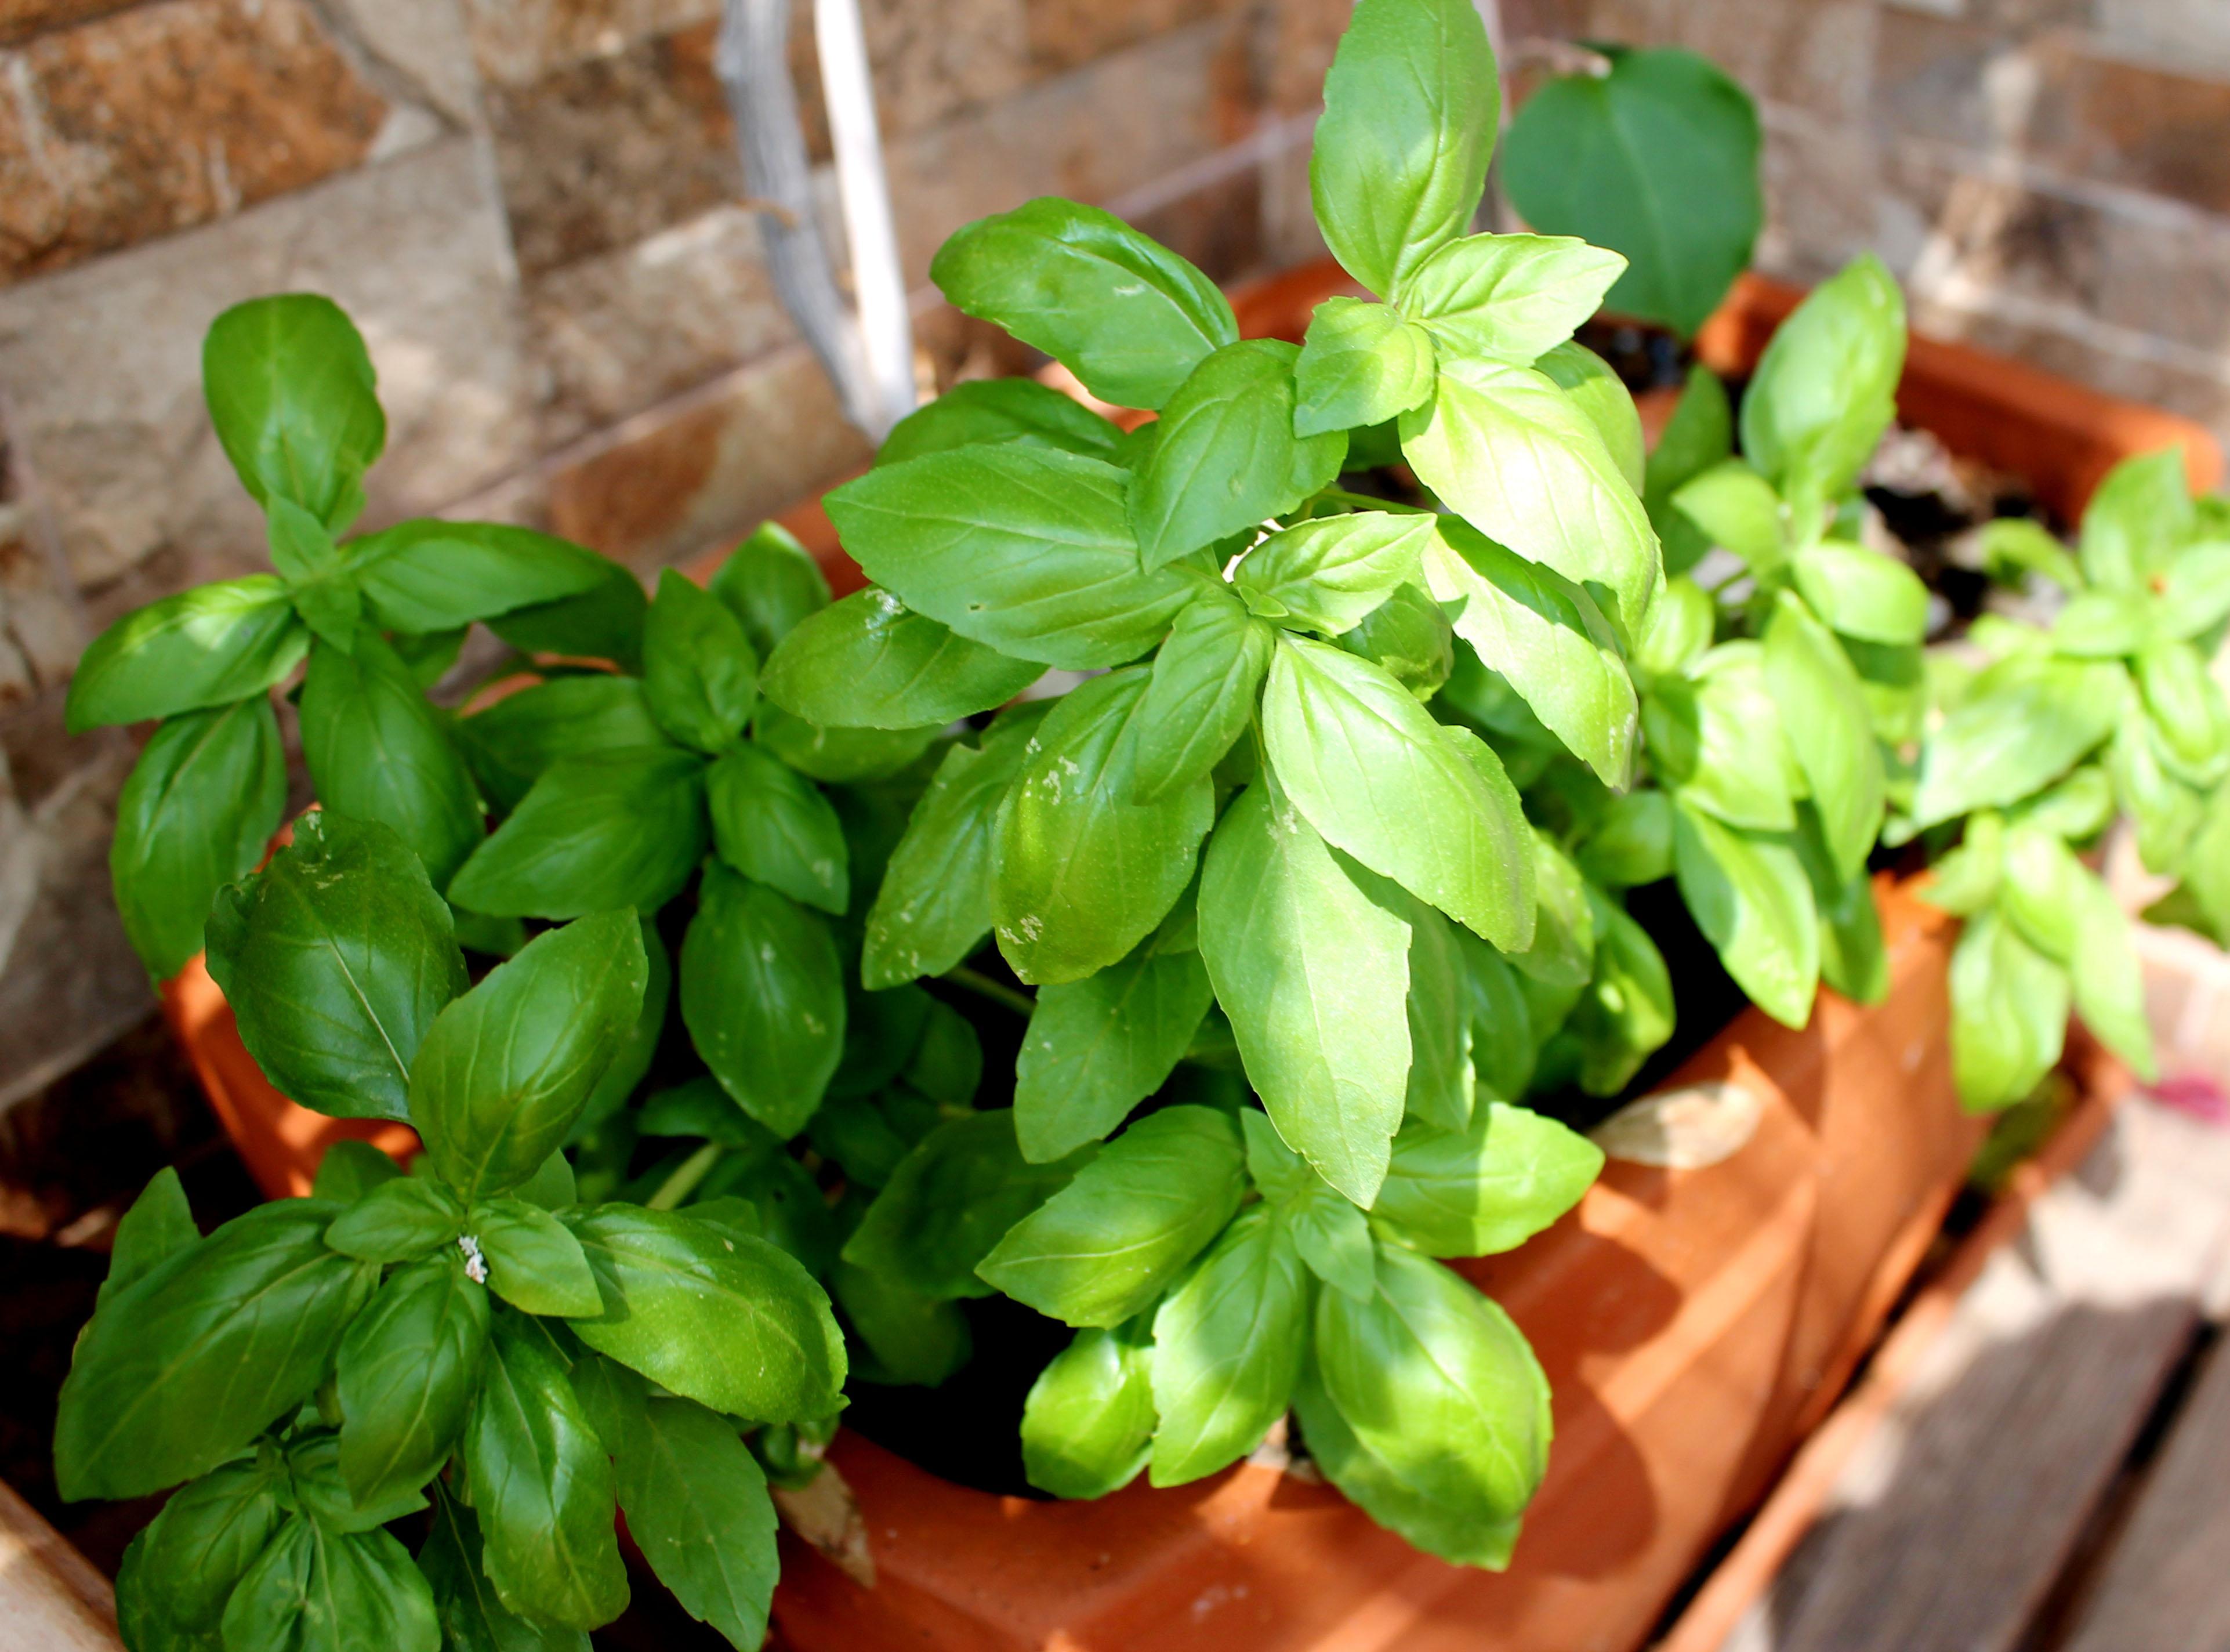 Hierbas arom ticas en mi cocina love my salad for Plantas aromaticas para cocinar